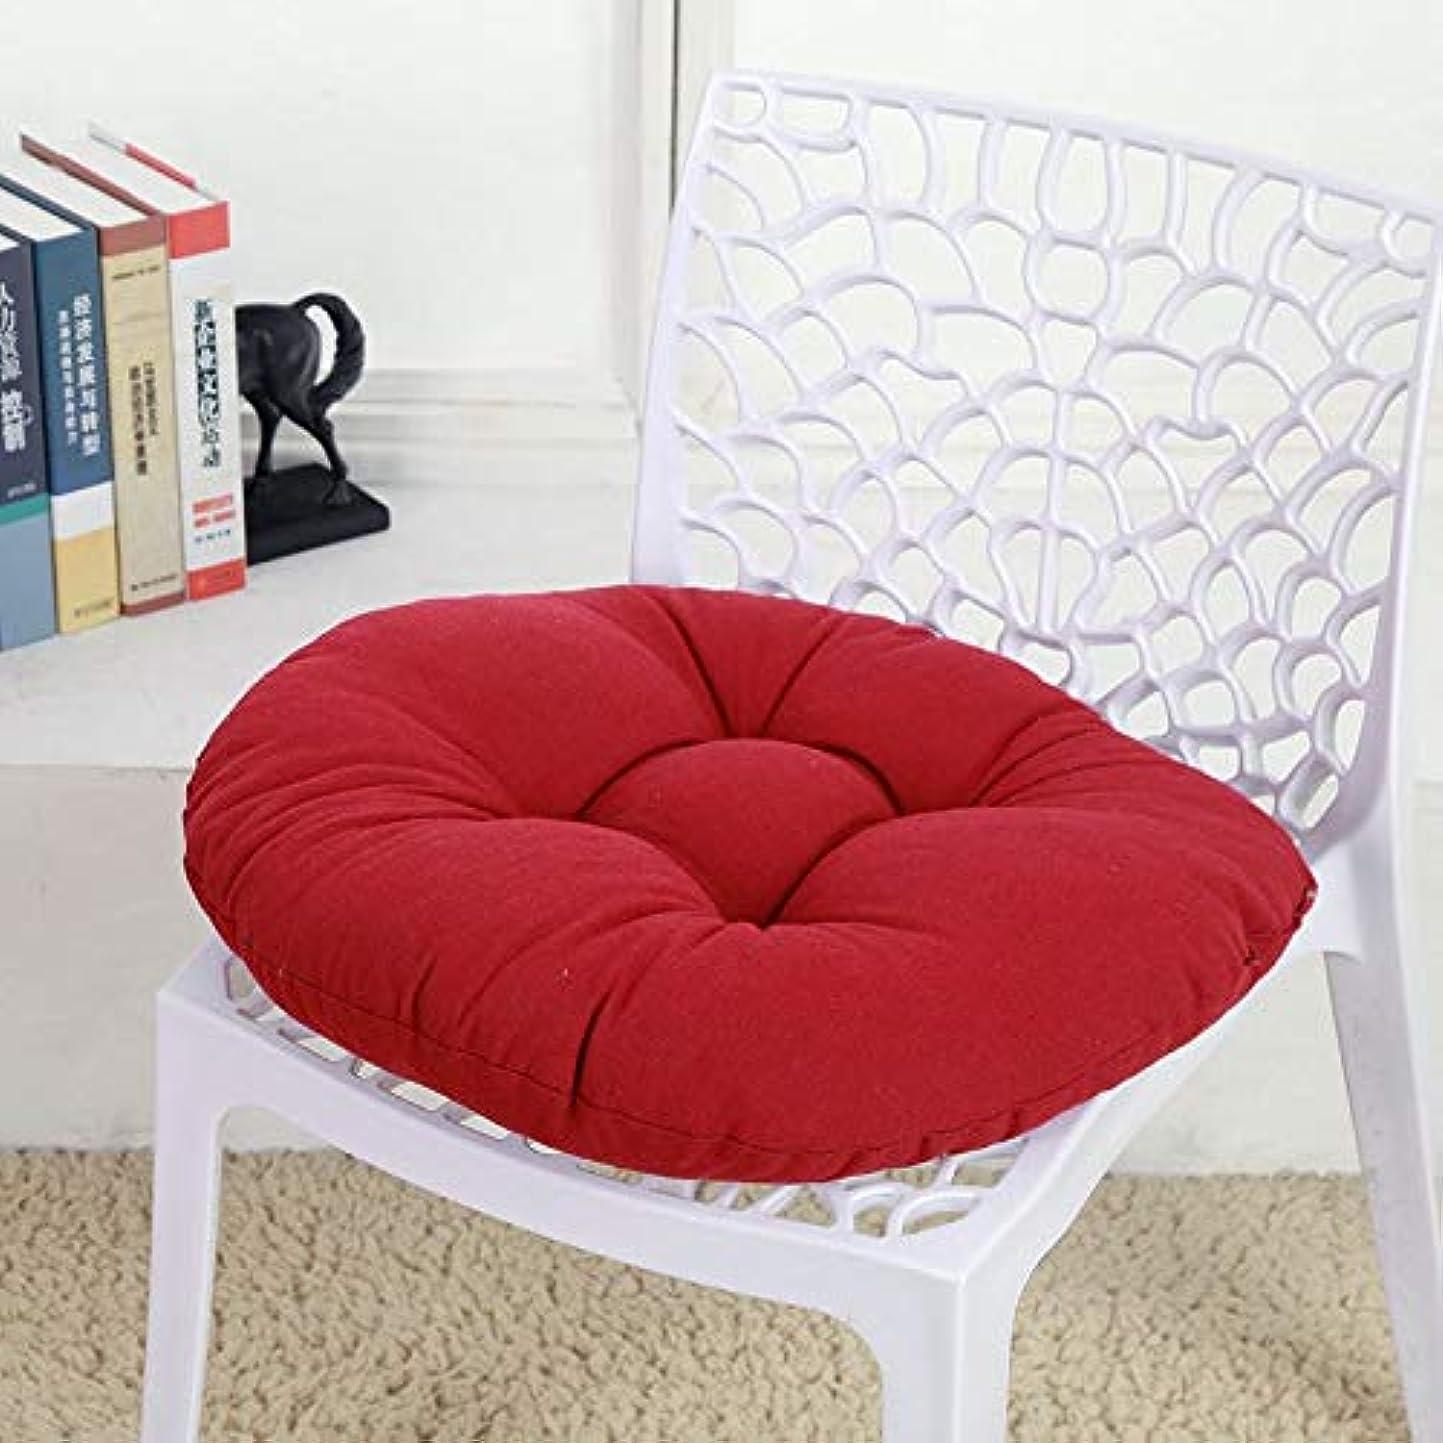 エジプト人代わって忘れるLIFE キャンディカラーのクッションラウンドシートクッション波ウィンドウシートクッションクッション家の装飾パッドラウンド枕シート枕椅子座る枕 クッション 椅子